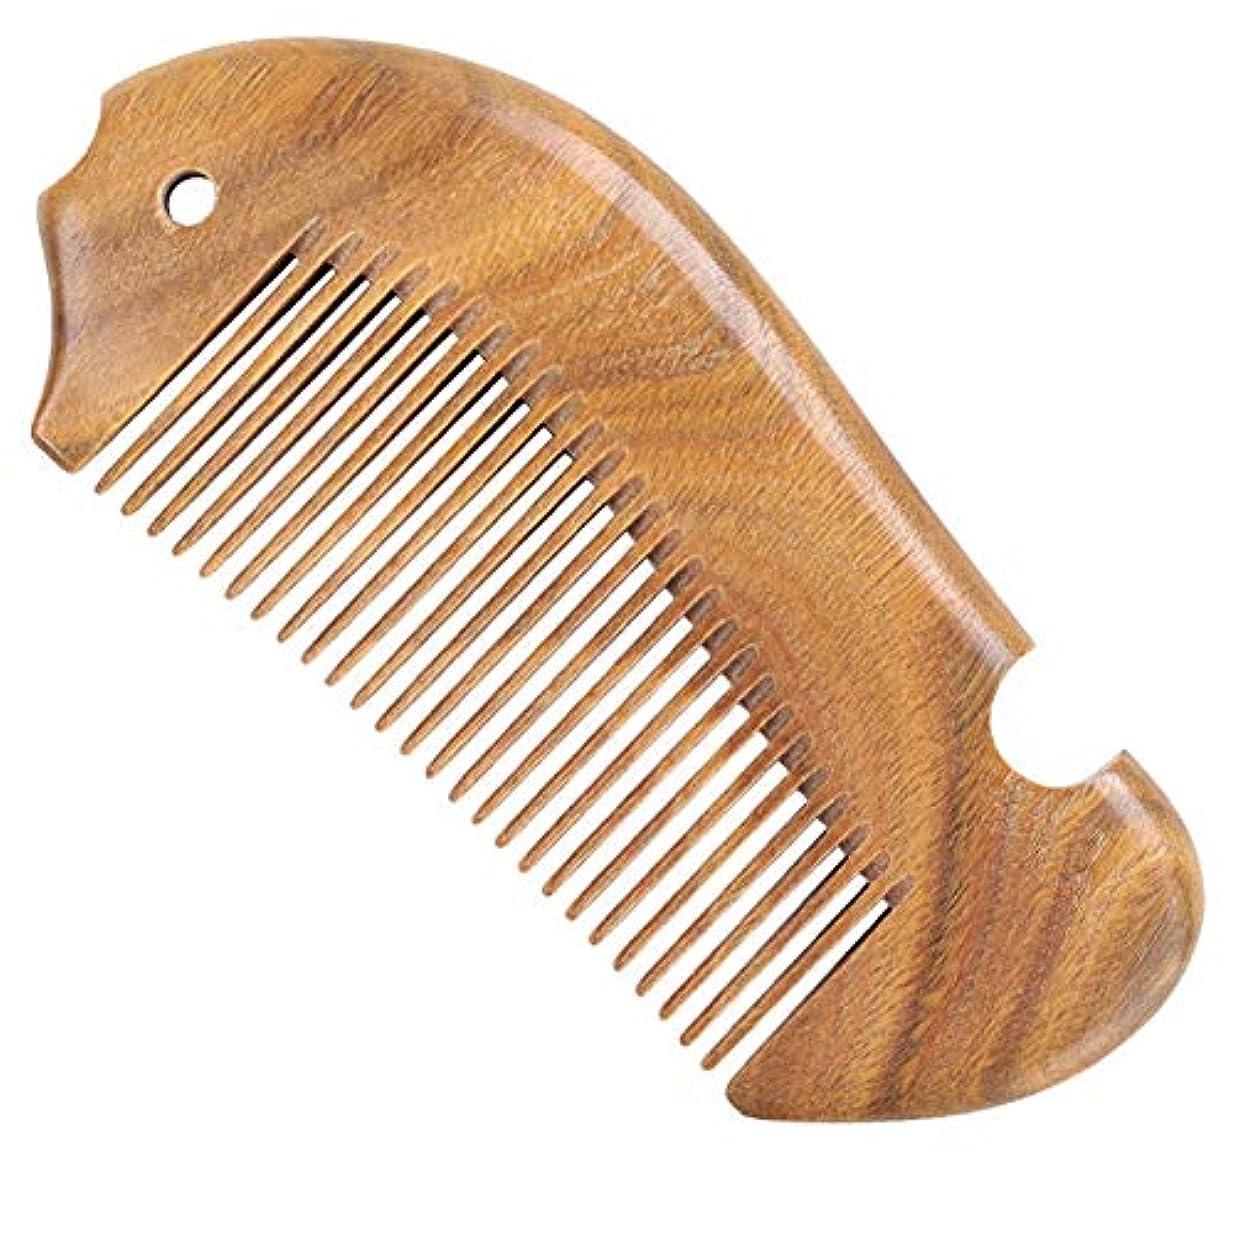 カッターマーチャンダイザー幹ALIVEON 高級木製櫛 ヘアブラシ つげ櫛 頭皮マッサージ 天然緑檀 ヘアコーム 静電気防止 男女兼用